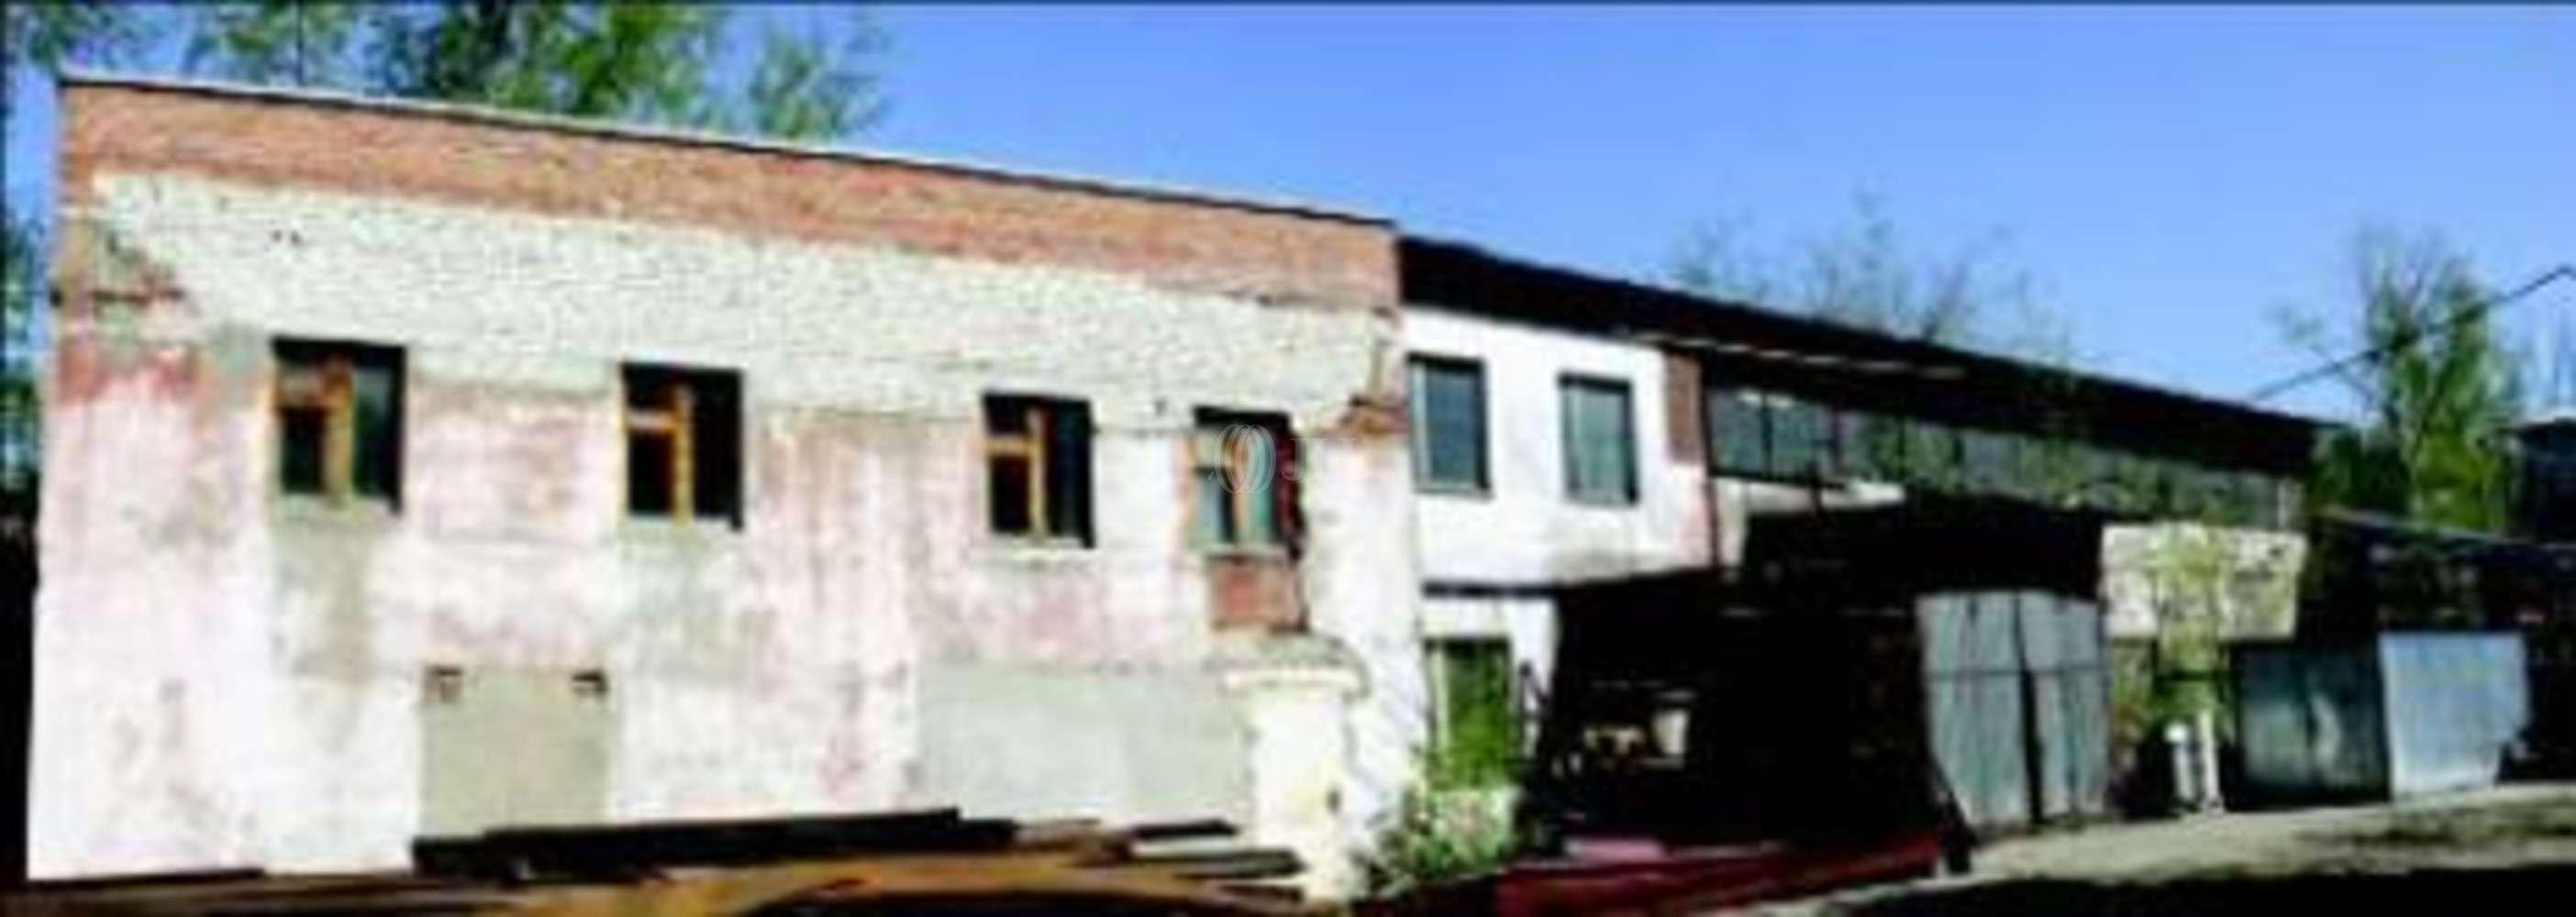 Офисная недвижимость Москва - Восток